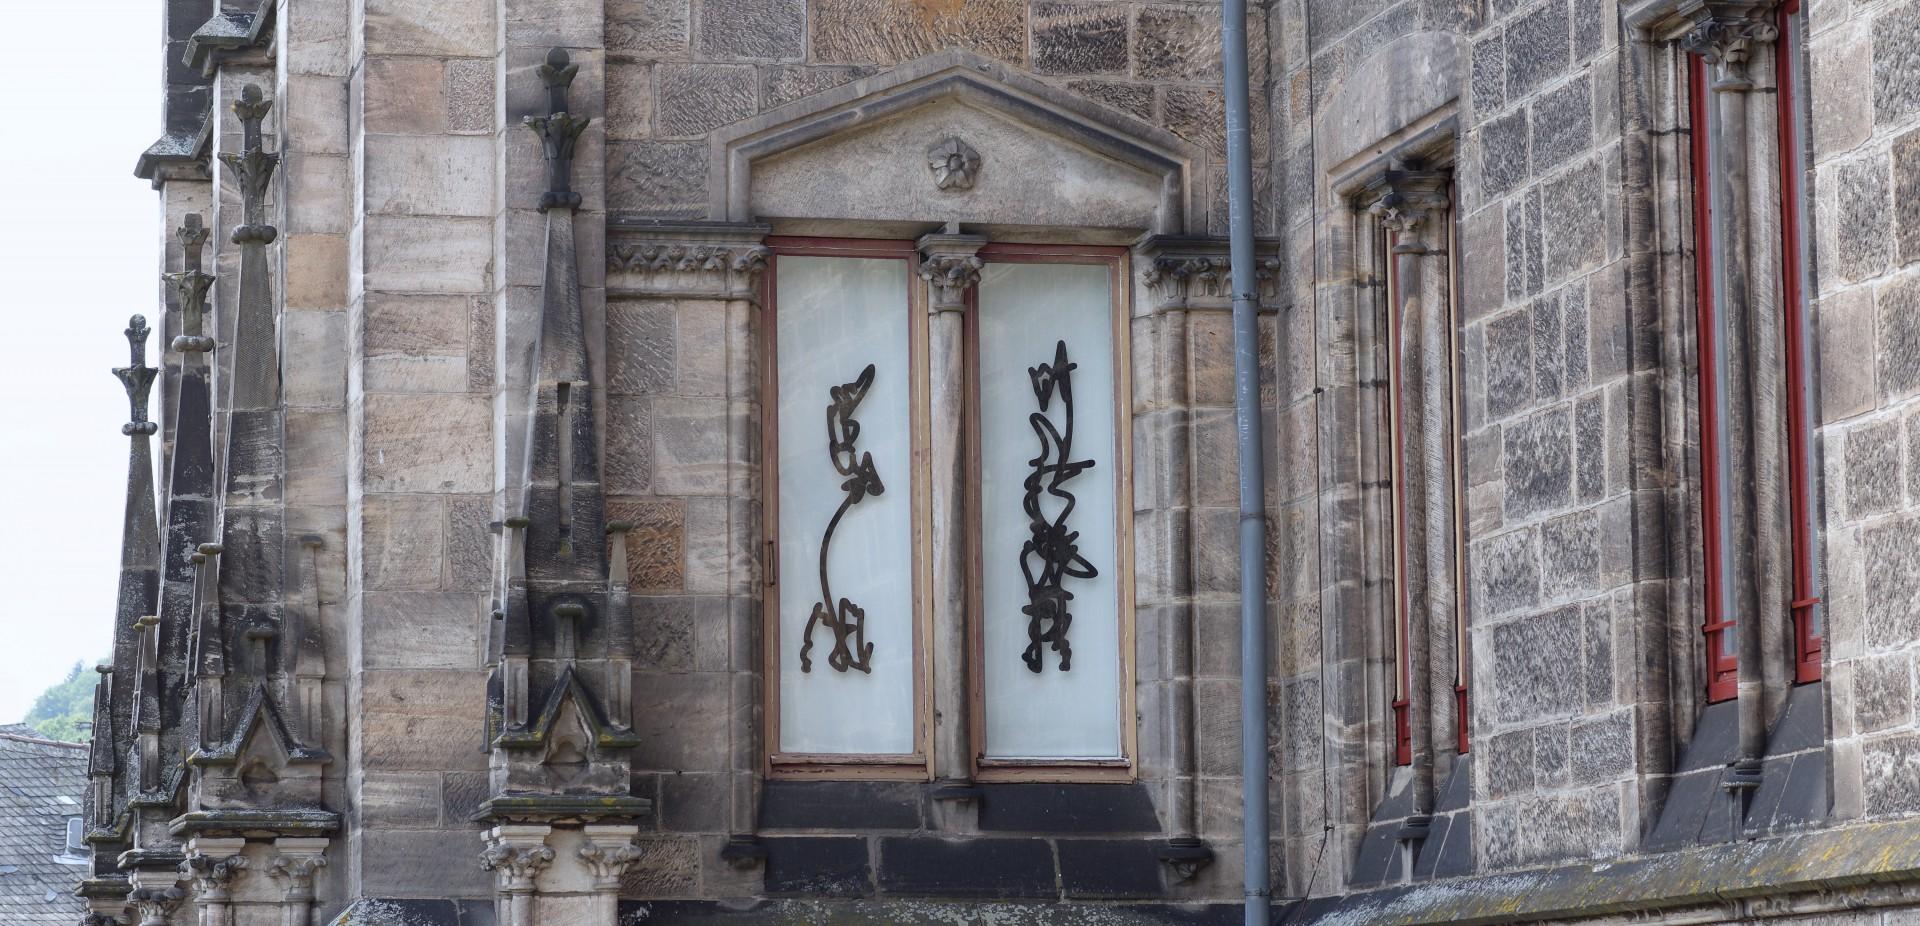 Bibliothek Institut für Kirchenbau, Einzelzeichen, Foliendruck auf Glas, je ca. 45 x 140 cm, 2019